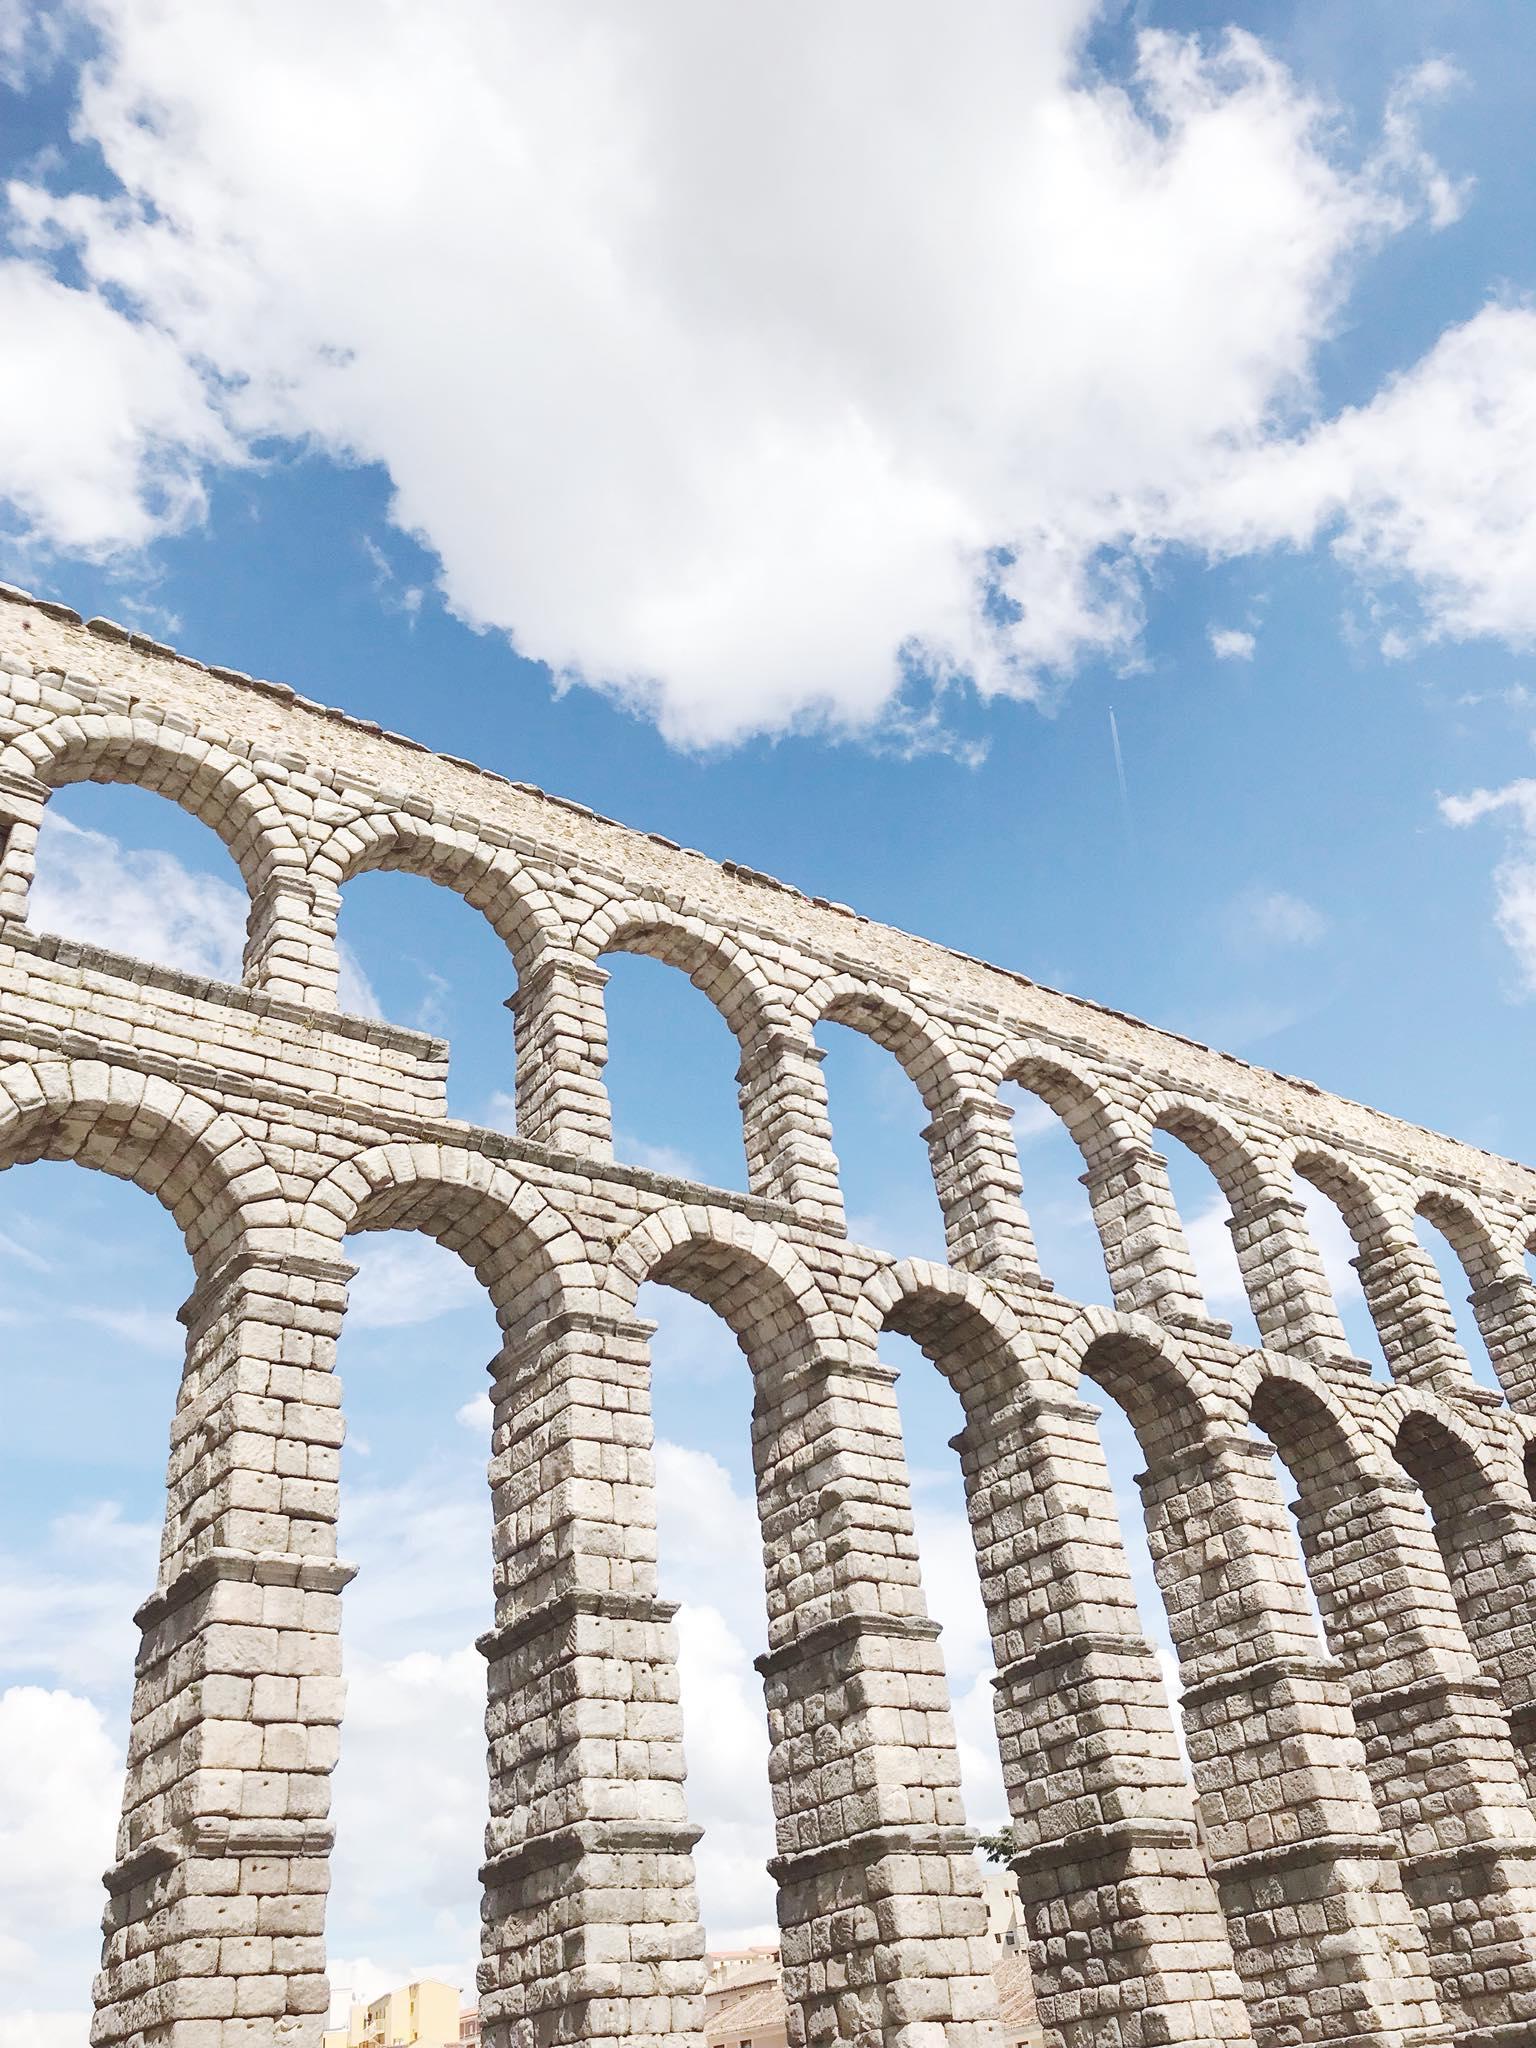 Seville aqueduct